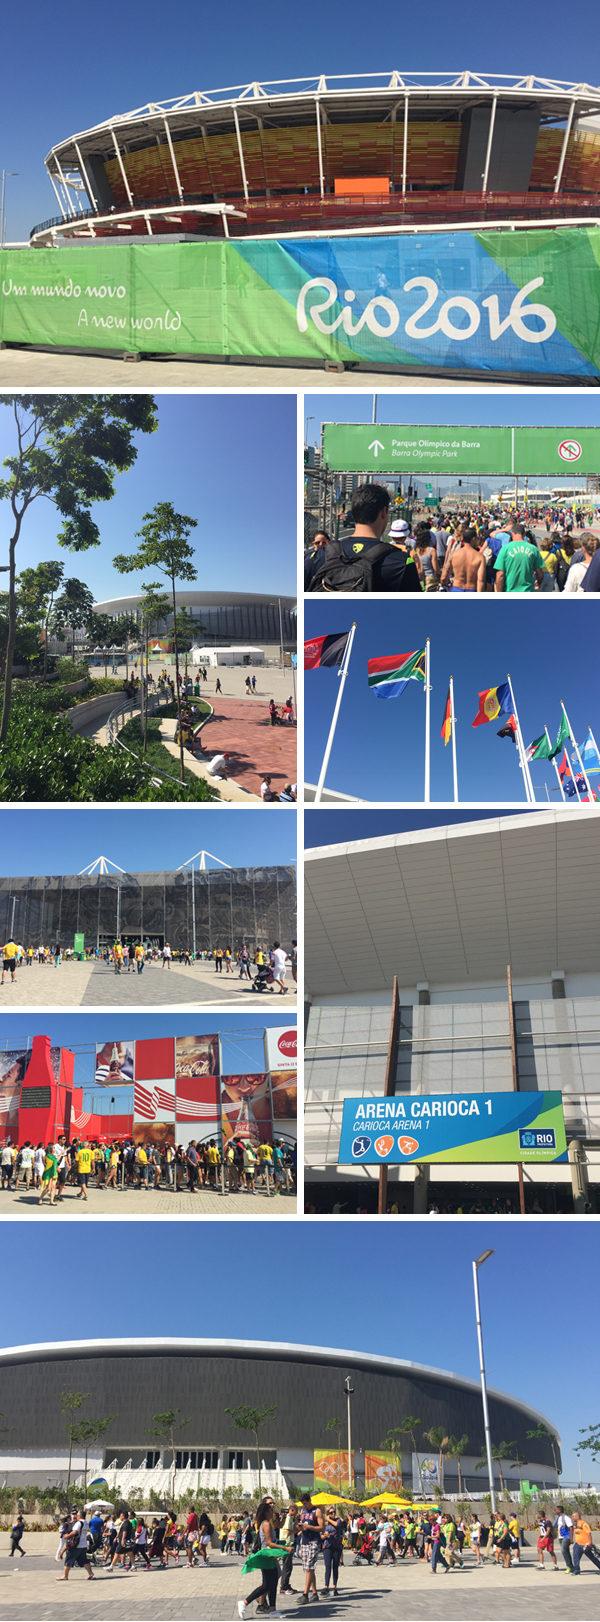 Parque olimpico Rio 2016